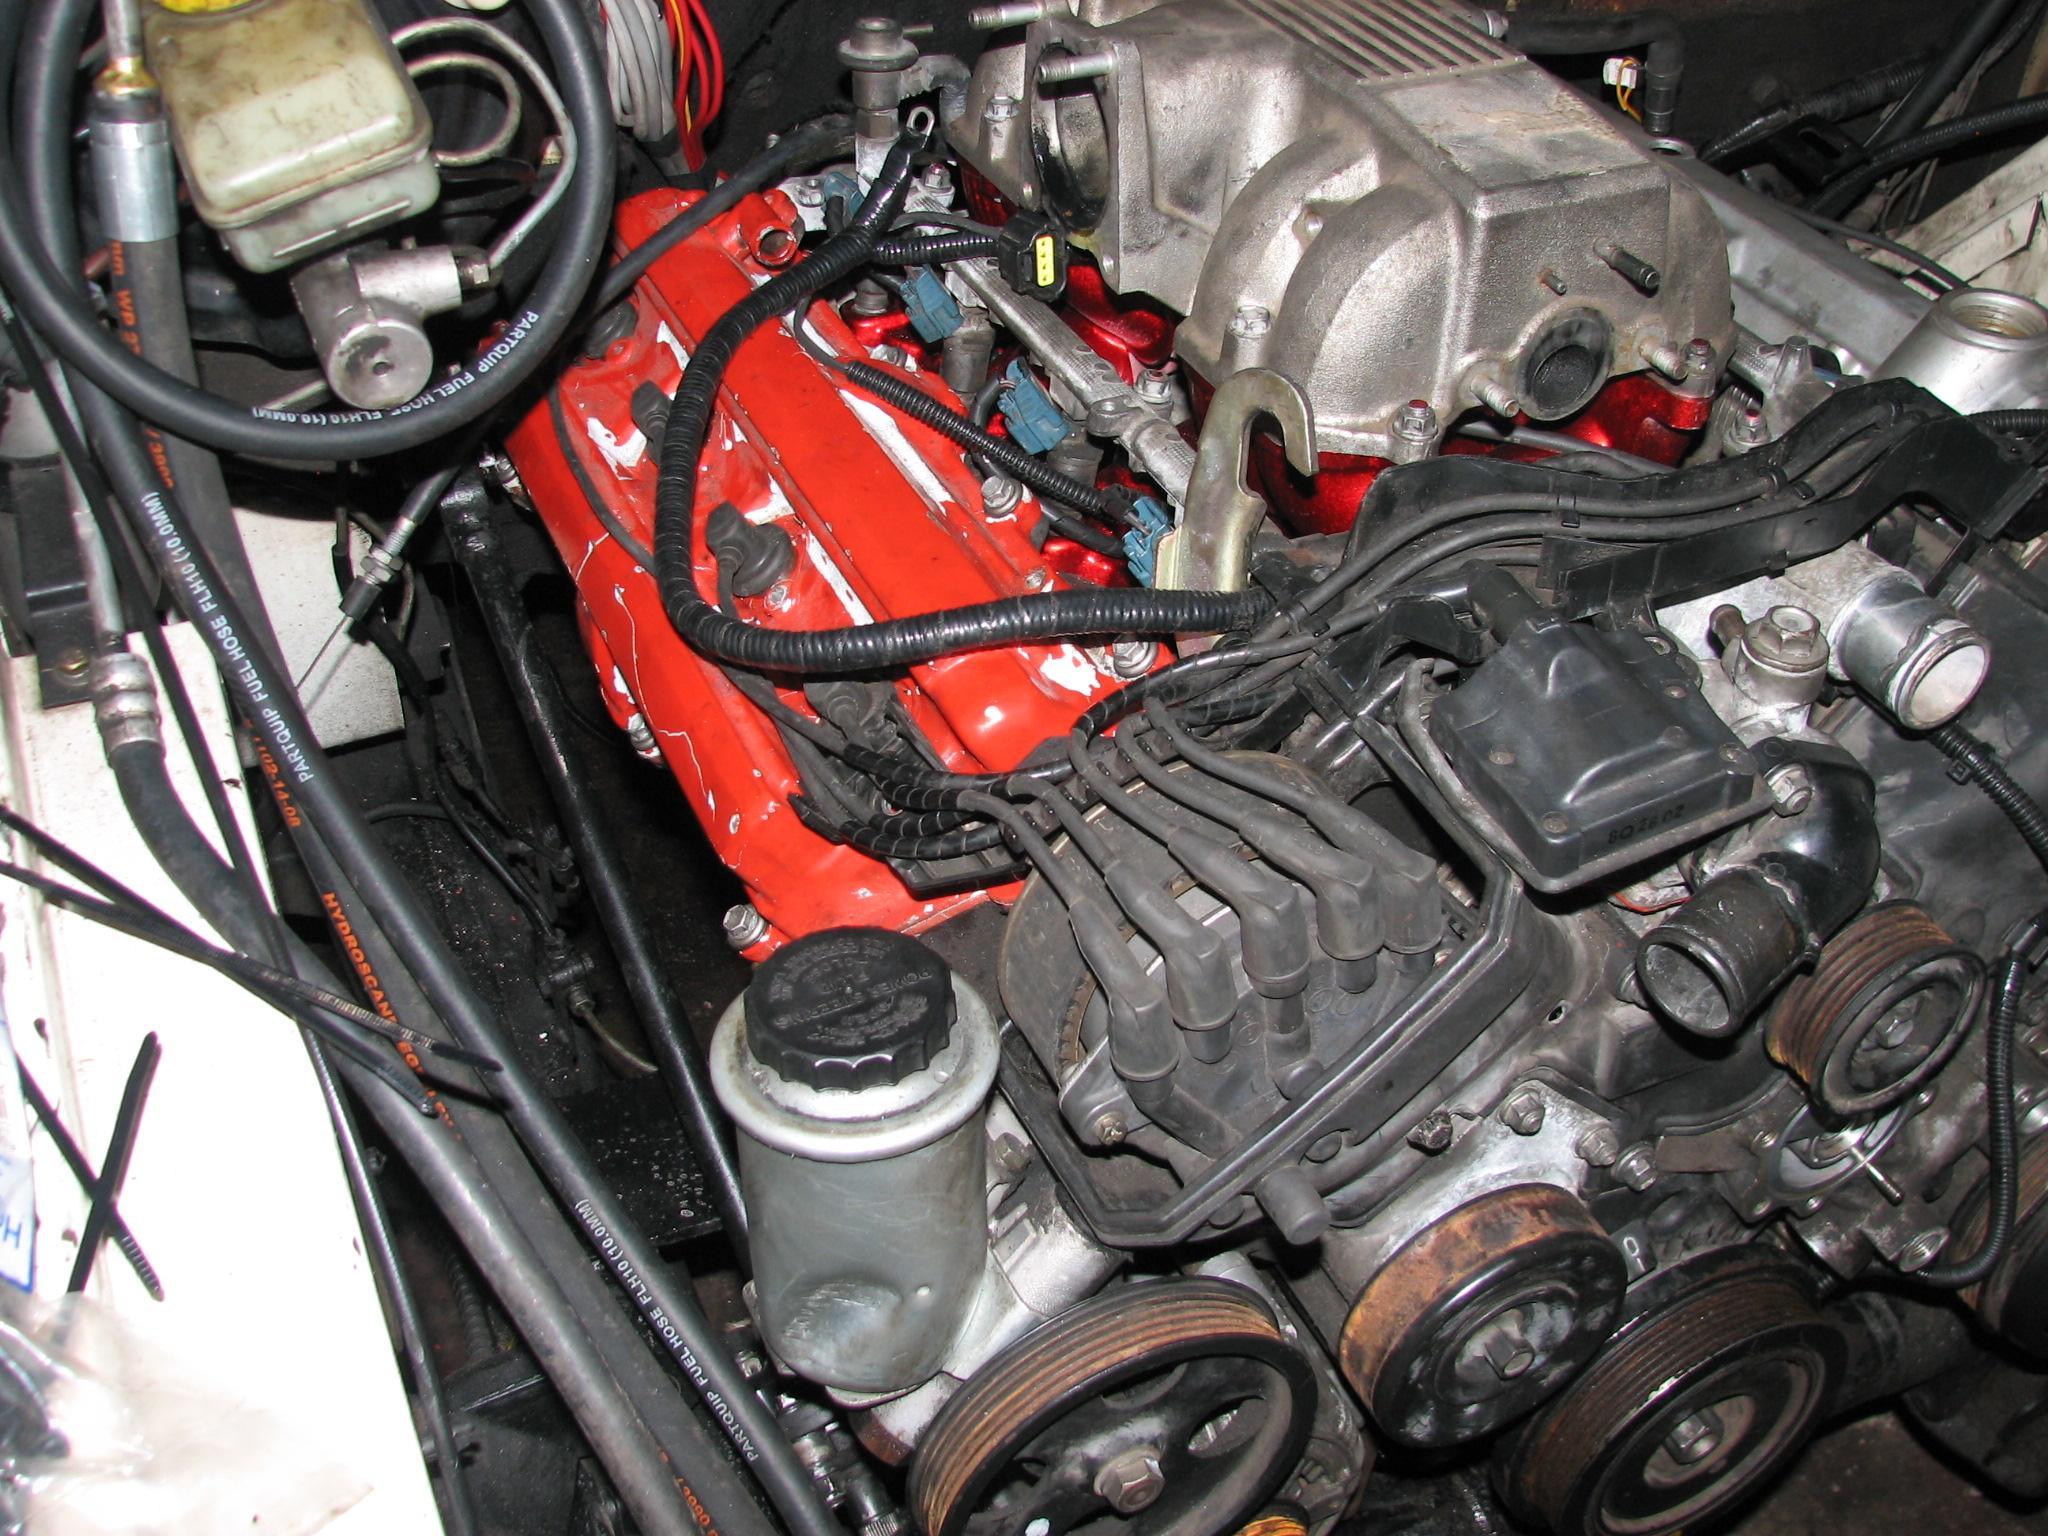 mahindra bolero 4x4 lexus 1uz fe v8 conversion lexus v8 products Jeep V8 Conversion Kits bolero lexus v8 conversion